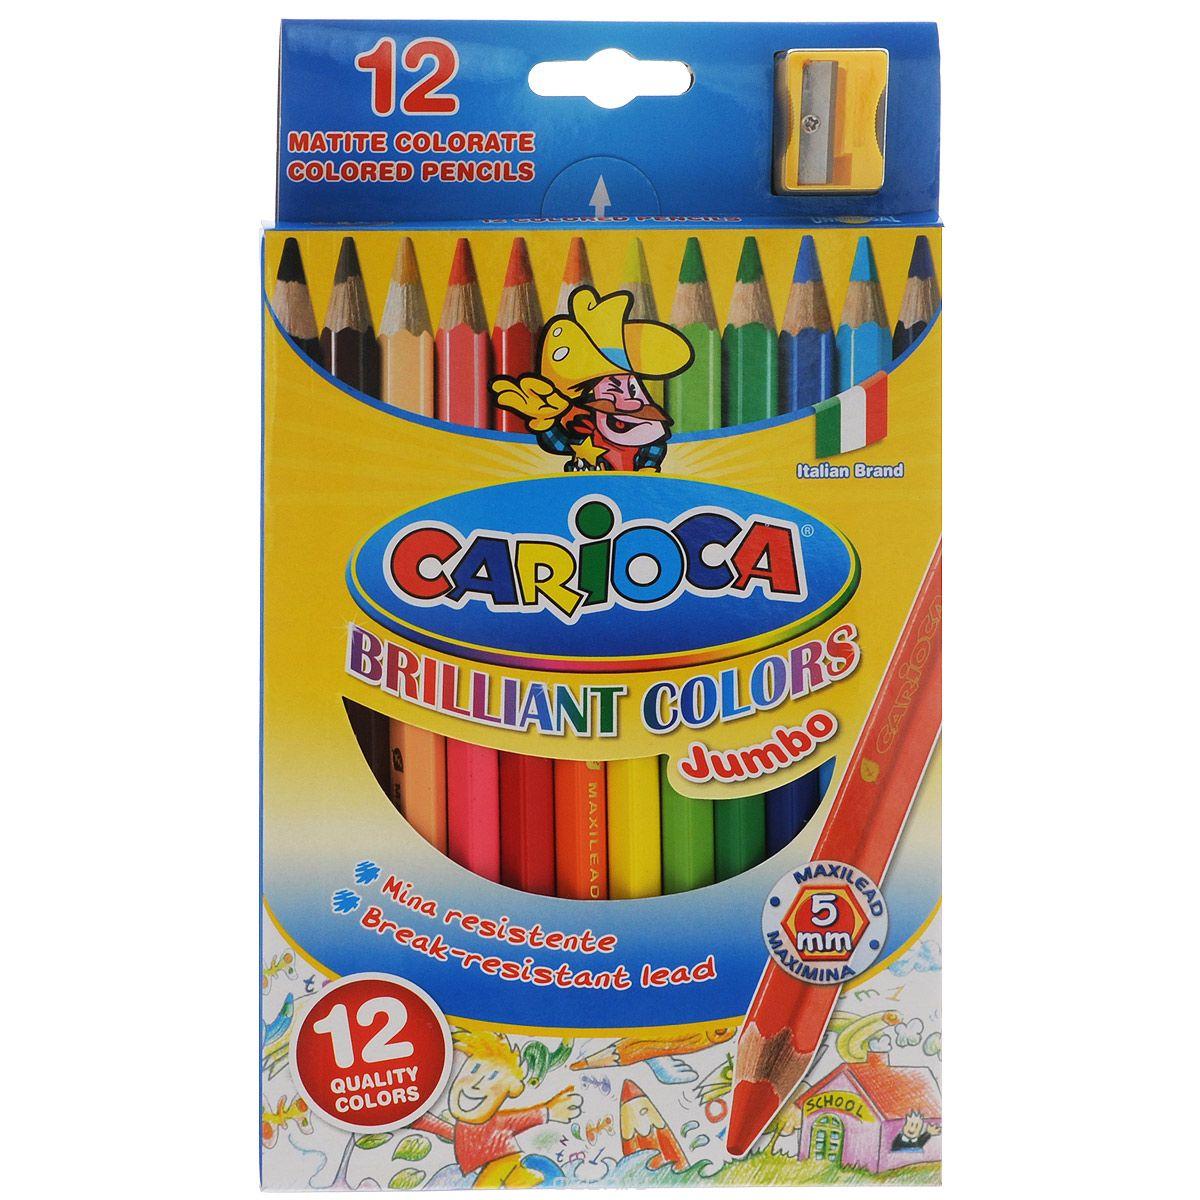 Набор цветных карандашей Carioca Jumbo с точилкой, 12 цветов41406/12Цветные карандаши Carioca Jumbo, непременно, понравятся вашему юному художнику.Набор включает в себя 12 ярких насыщенных цветных карандашей, которые идеально подходят для малышей. Карандаши выполнены в утолщенном деревянном корпусе и с толстым мягким грифелем.В набор также входит точилка.Порадуйте своего ребенка таким восхитительным подарком!